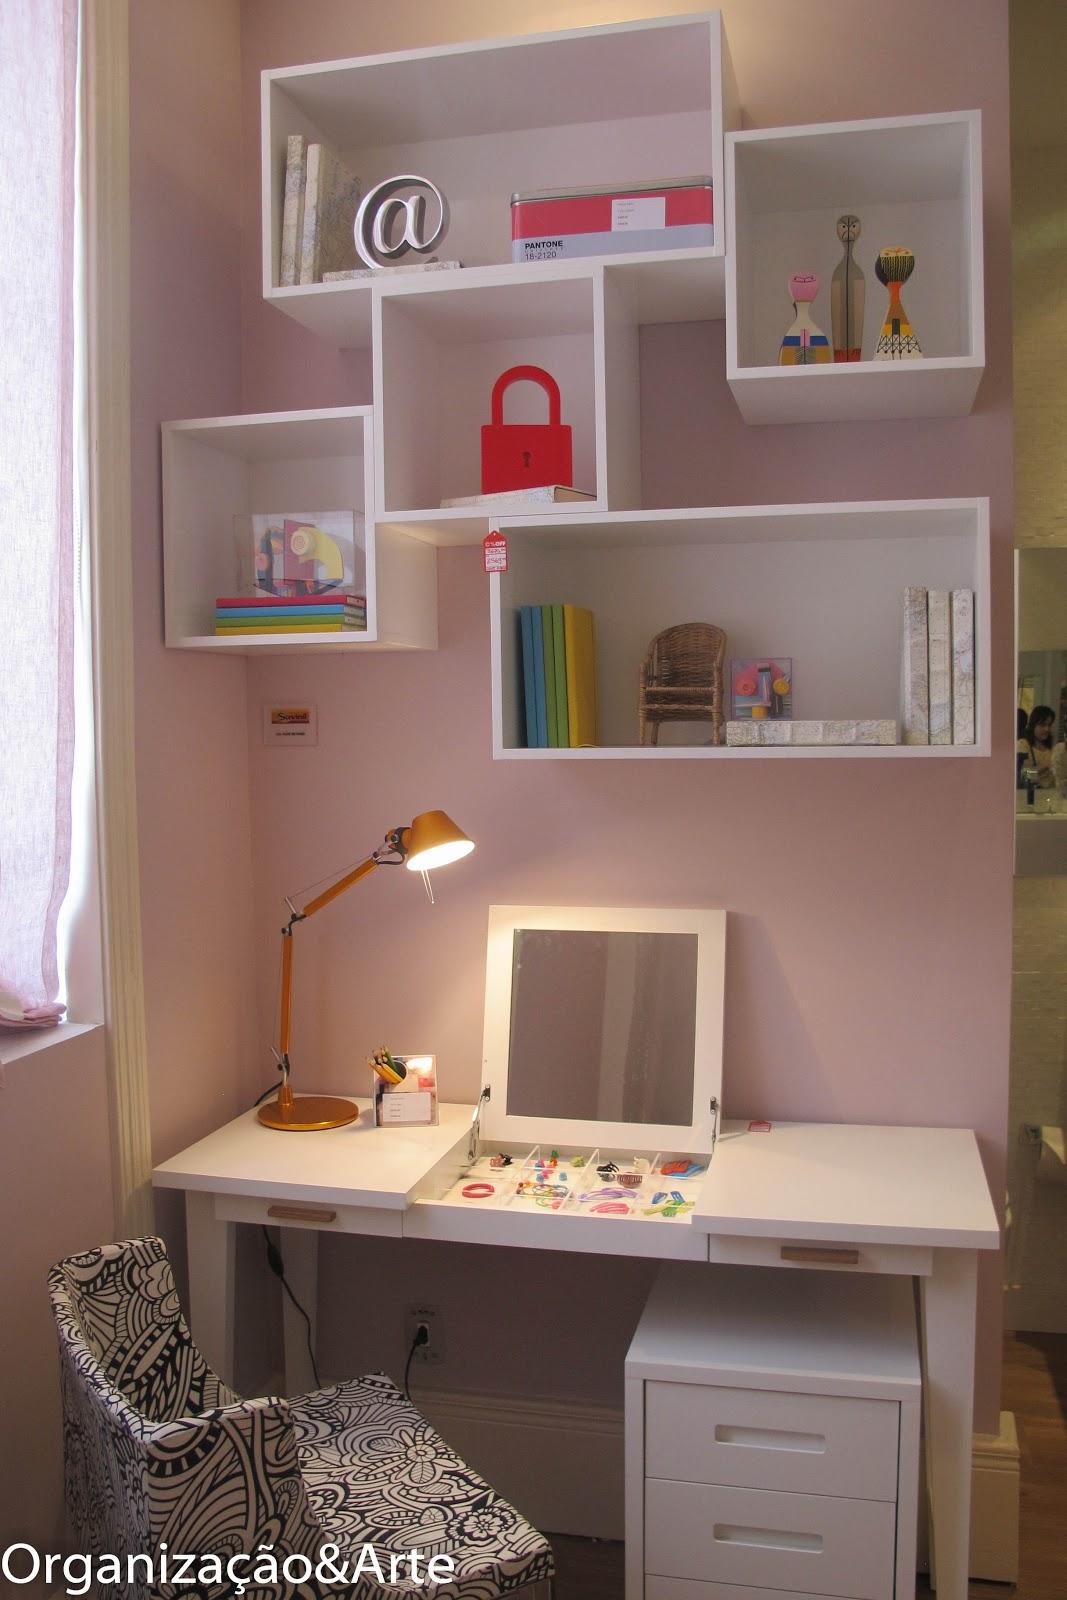 nichos super me agrada Objetos e livros fazem a combinação perfeita #8F643C 1067x1600